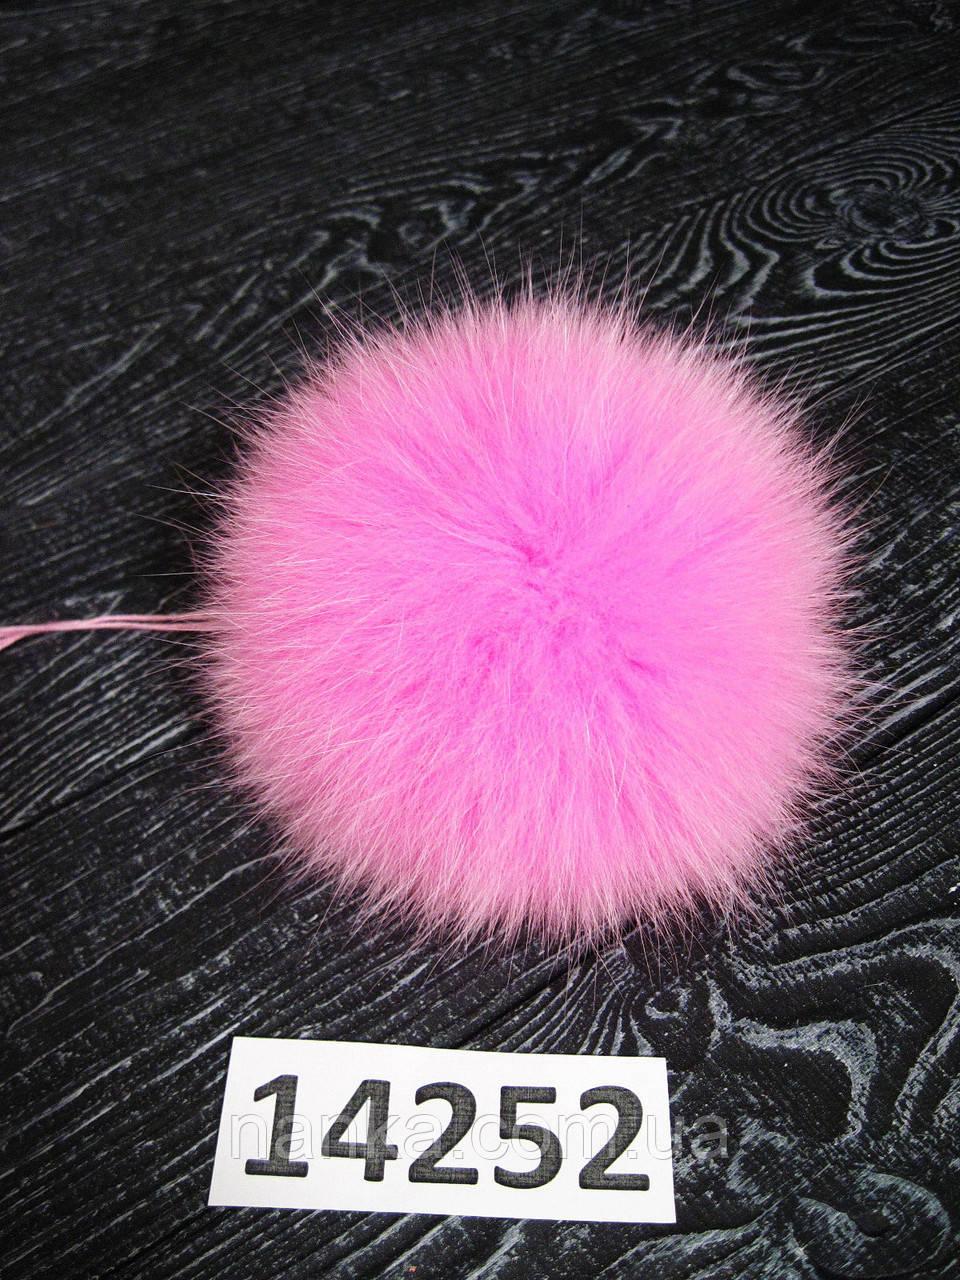 Меховой помпон Песец, Розовый, 12 см,14252